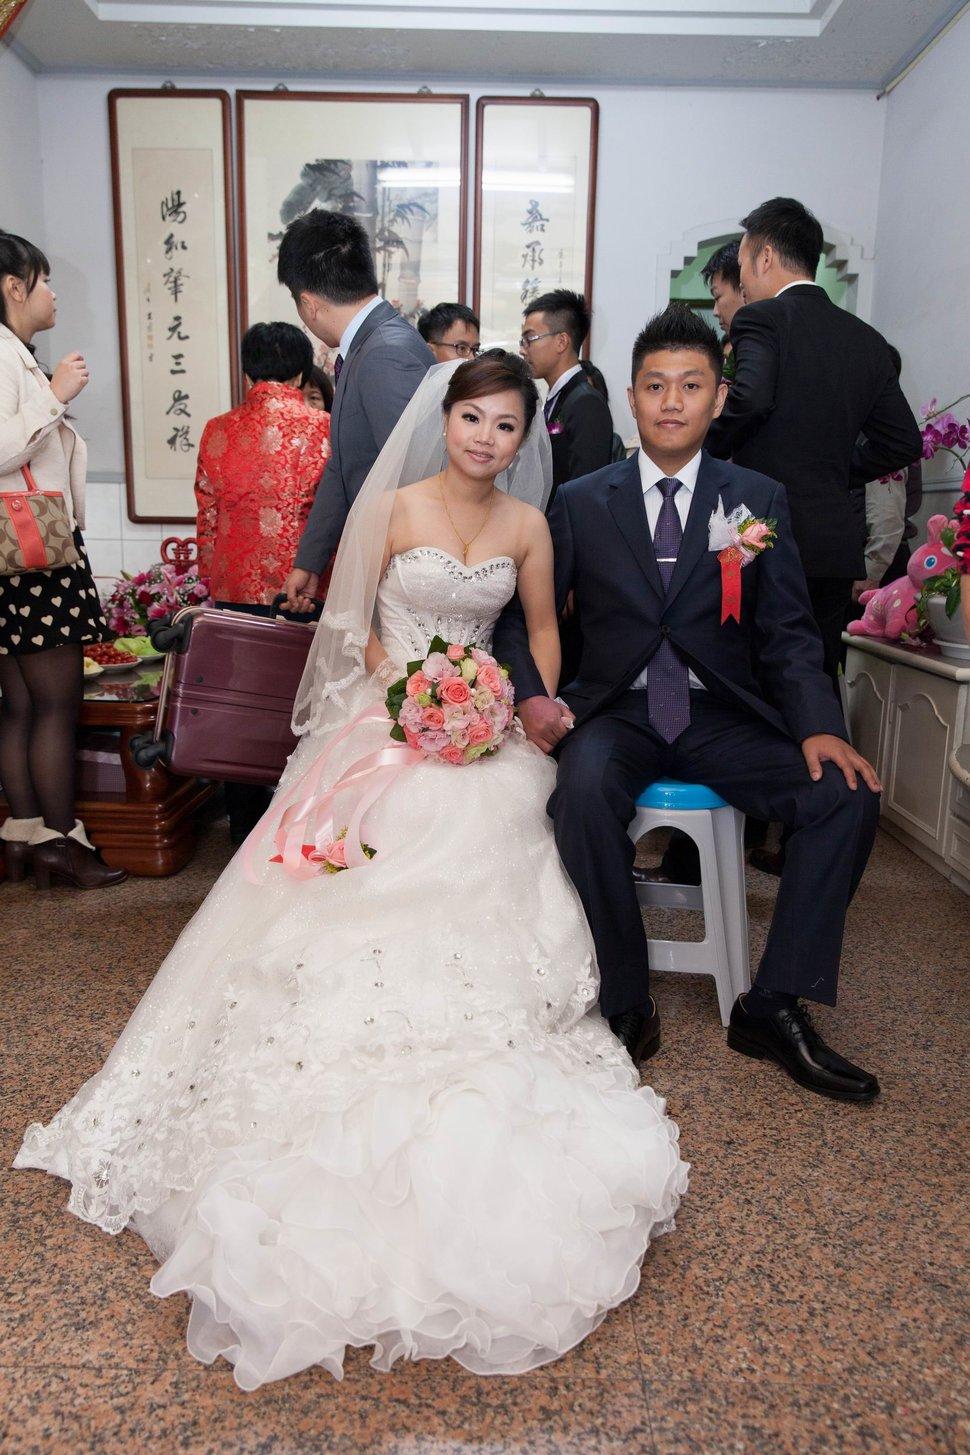 結婚迎娶午宴東達極品美饌結婚迎娶婚禮記錄動態微電影錄影專業錄影(編號:194060) - 蜜月拍照10800錄影12800攝影團隊 - 結婚吧